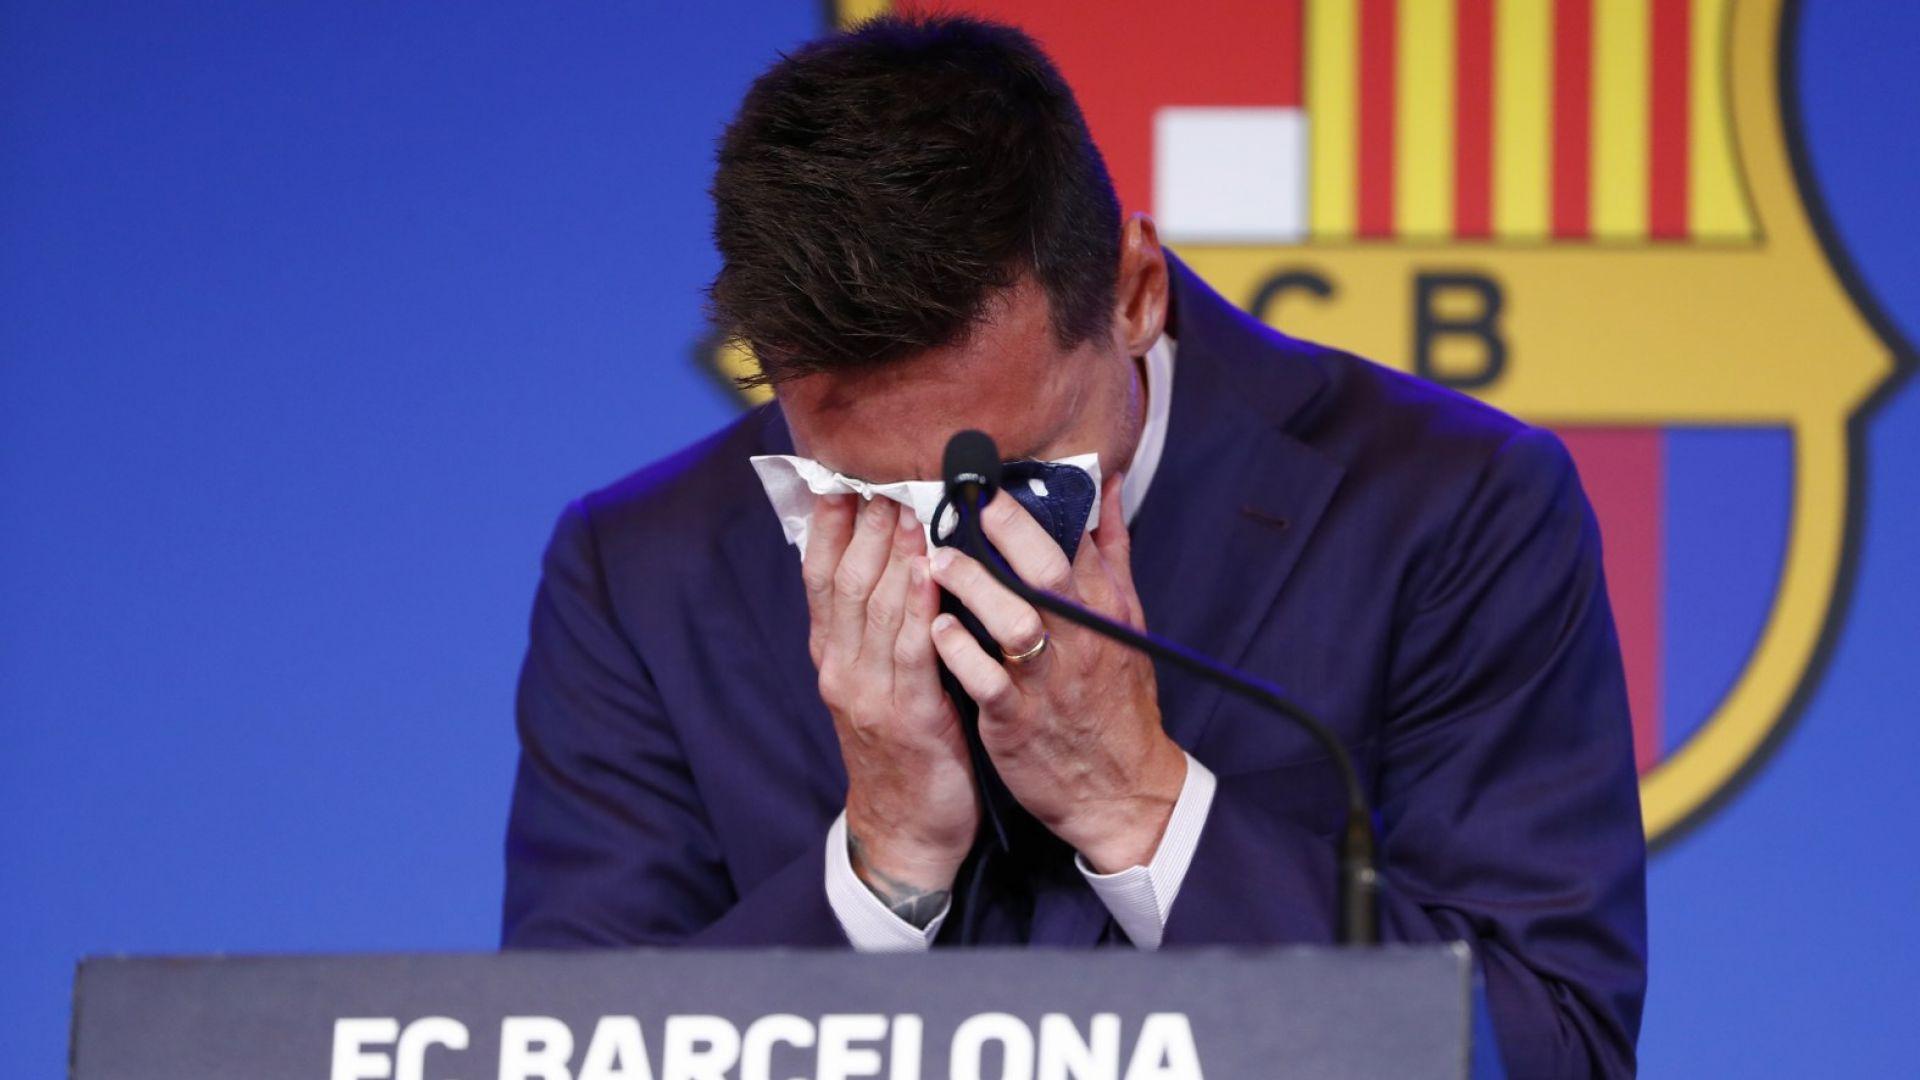 Шефът на Ла Лига намекна: Може би Меси не си тръгна само заради финансовия казус